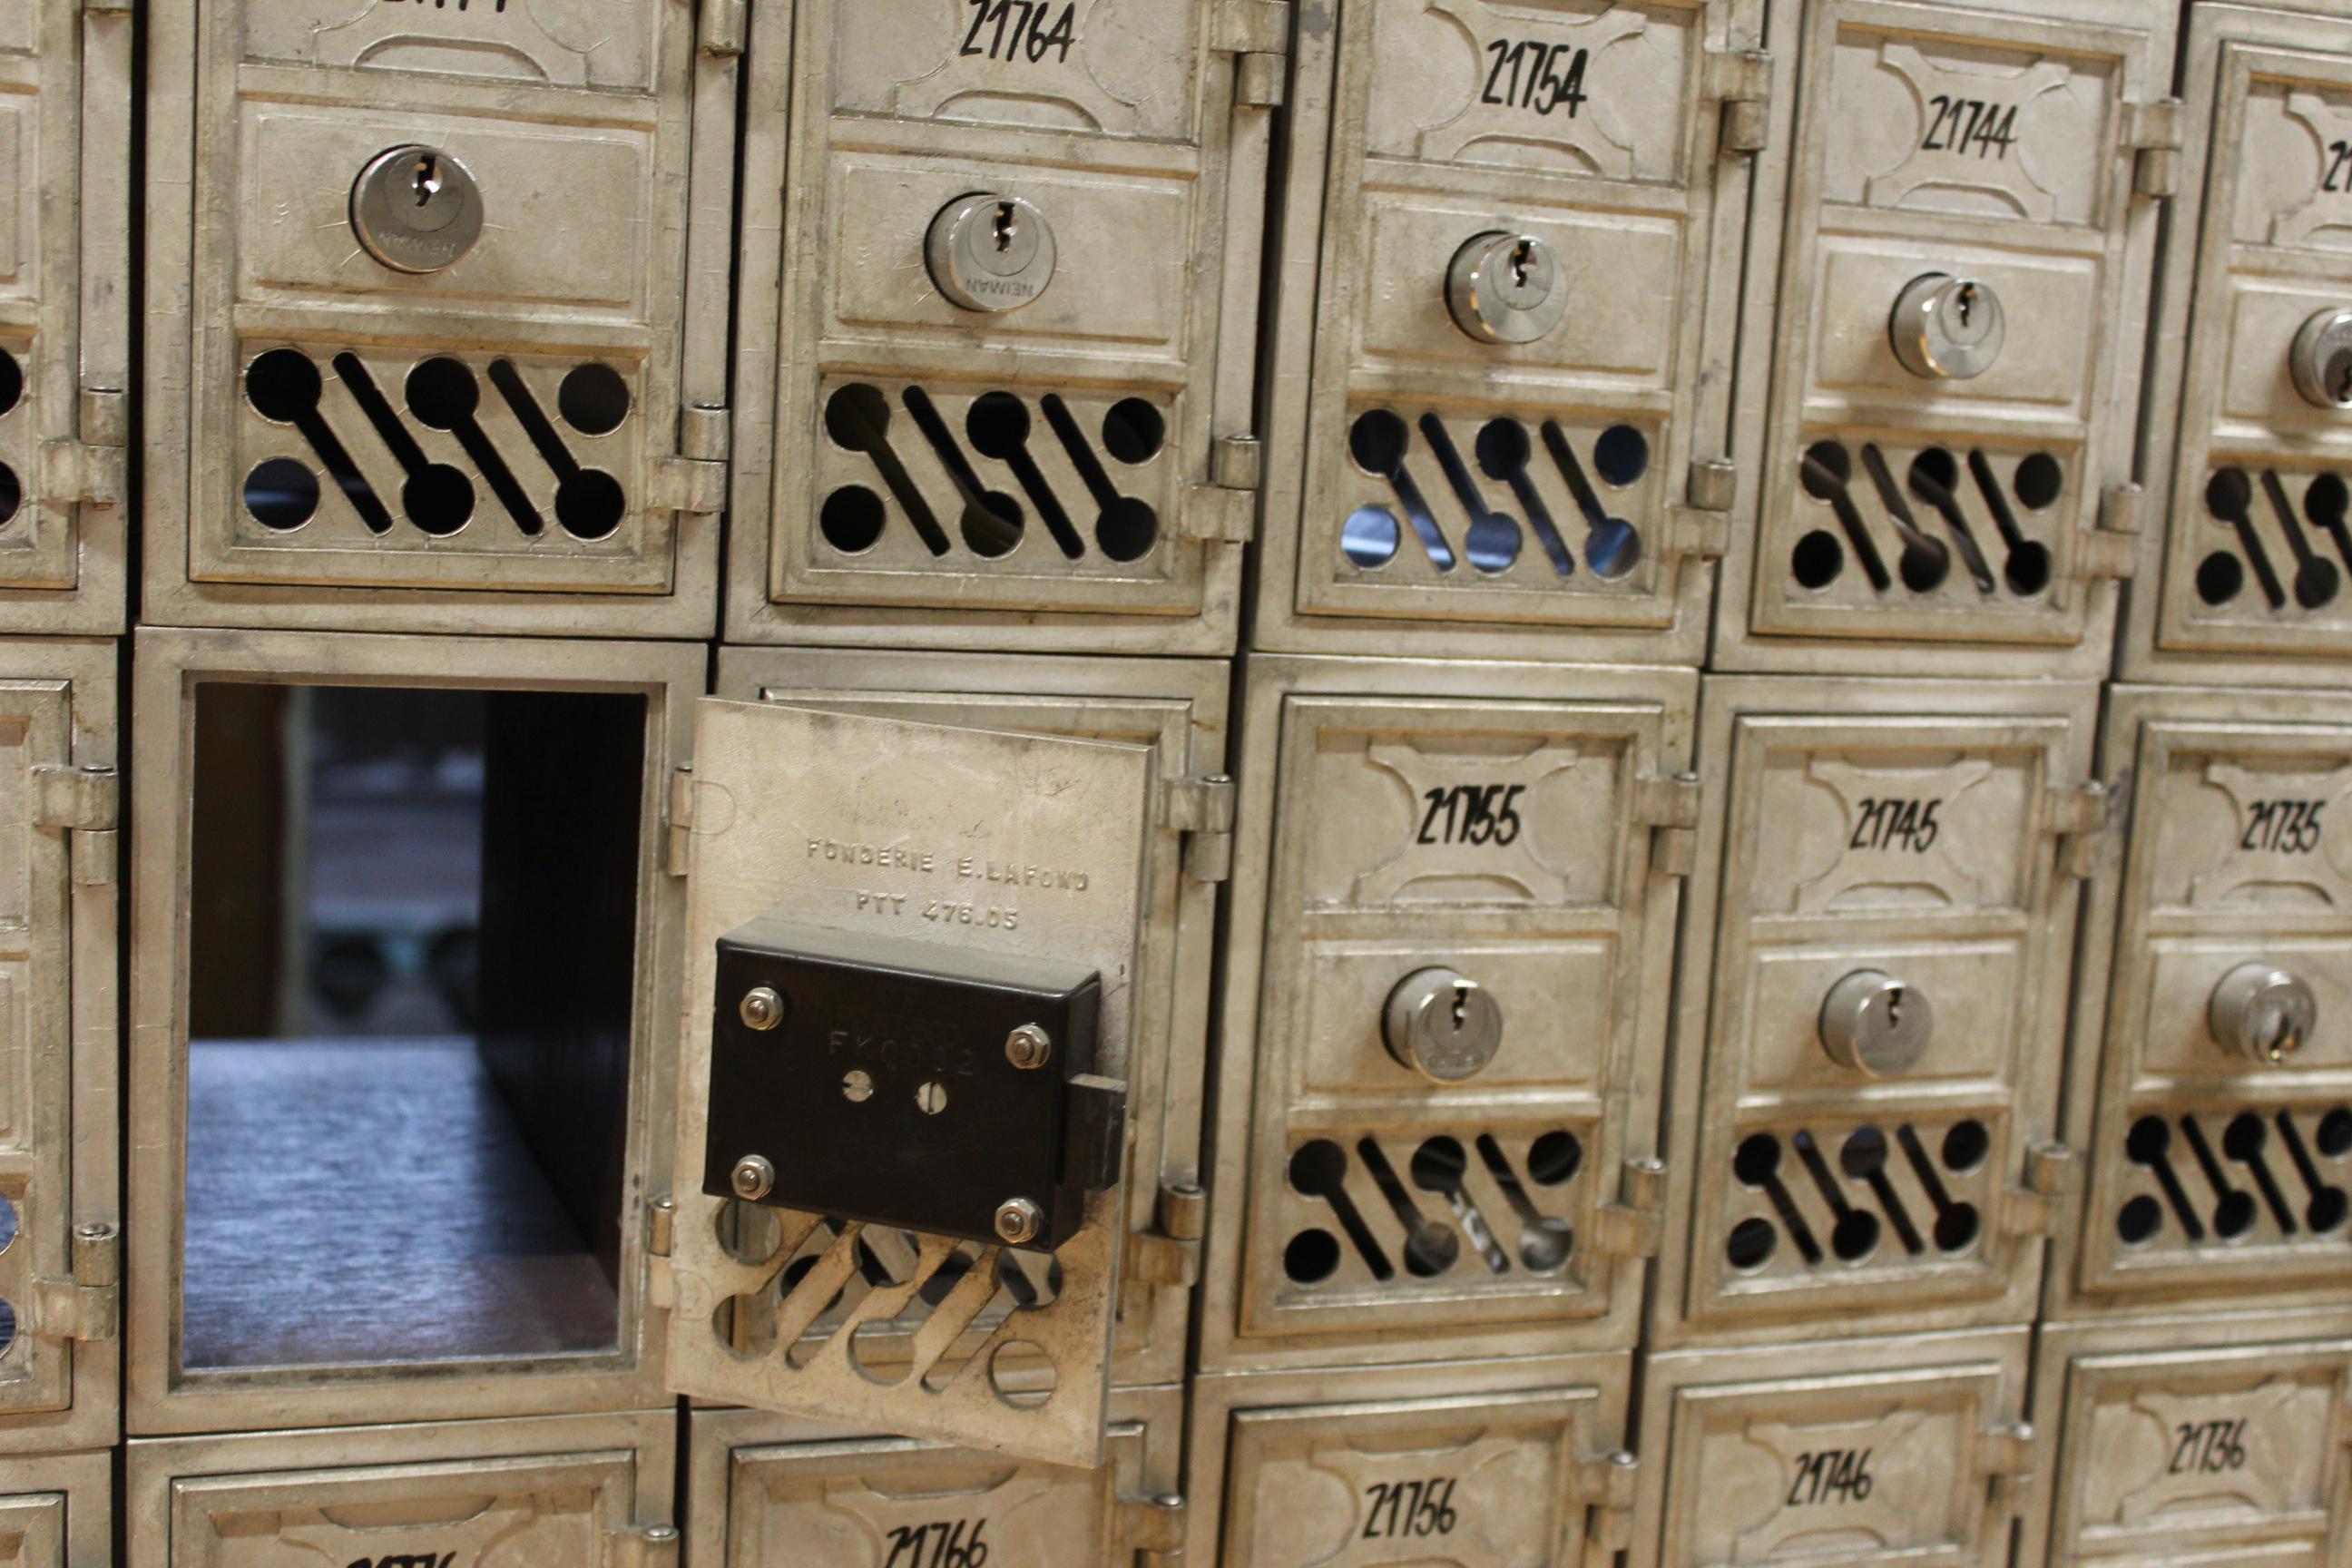 De nombreux Polynésiens attendent l'arrivée de leur colis mais trouvent leur boite aux lettres vide.